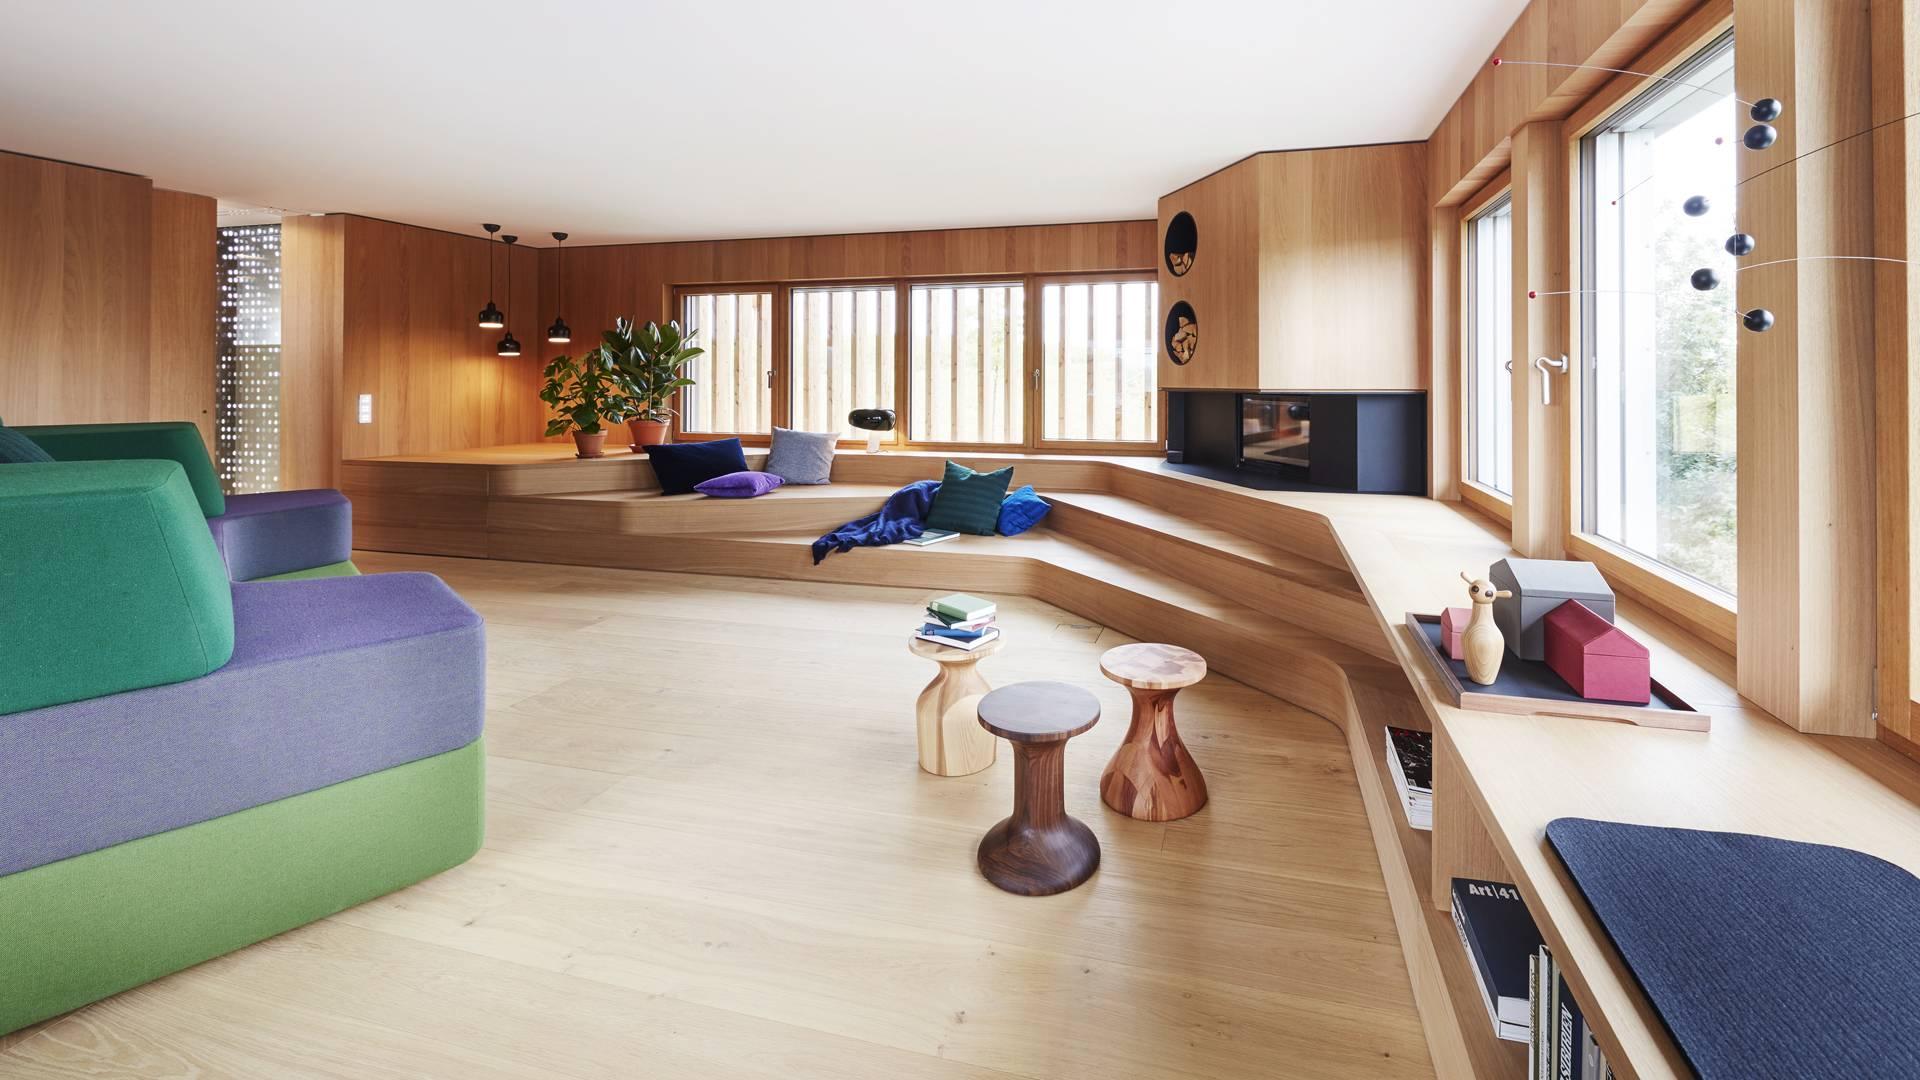 Baufritz Konzepthaus Haussicht Fensterbank